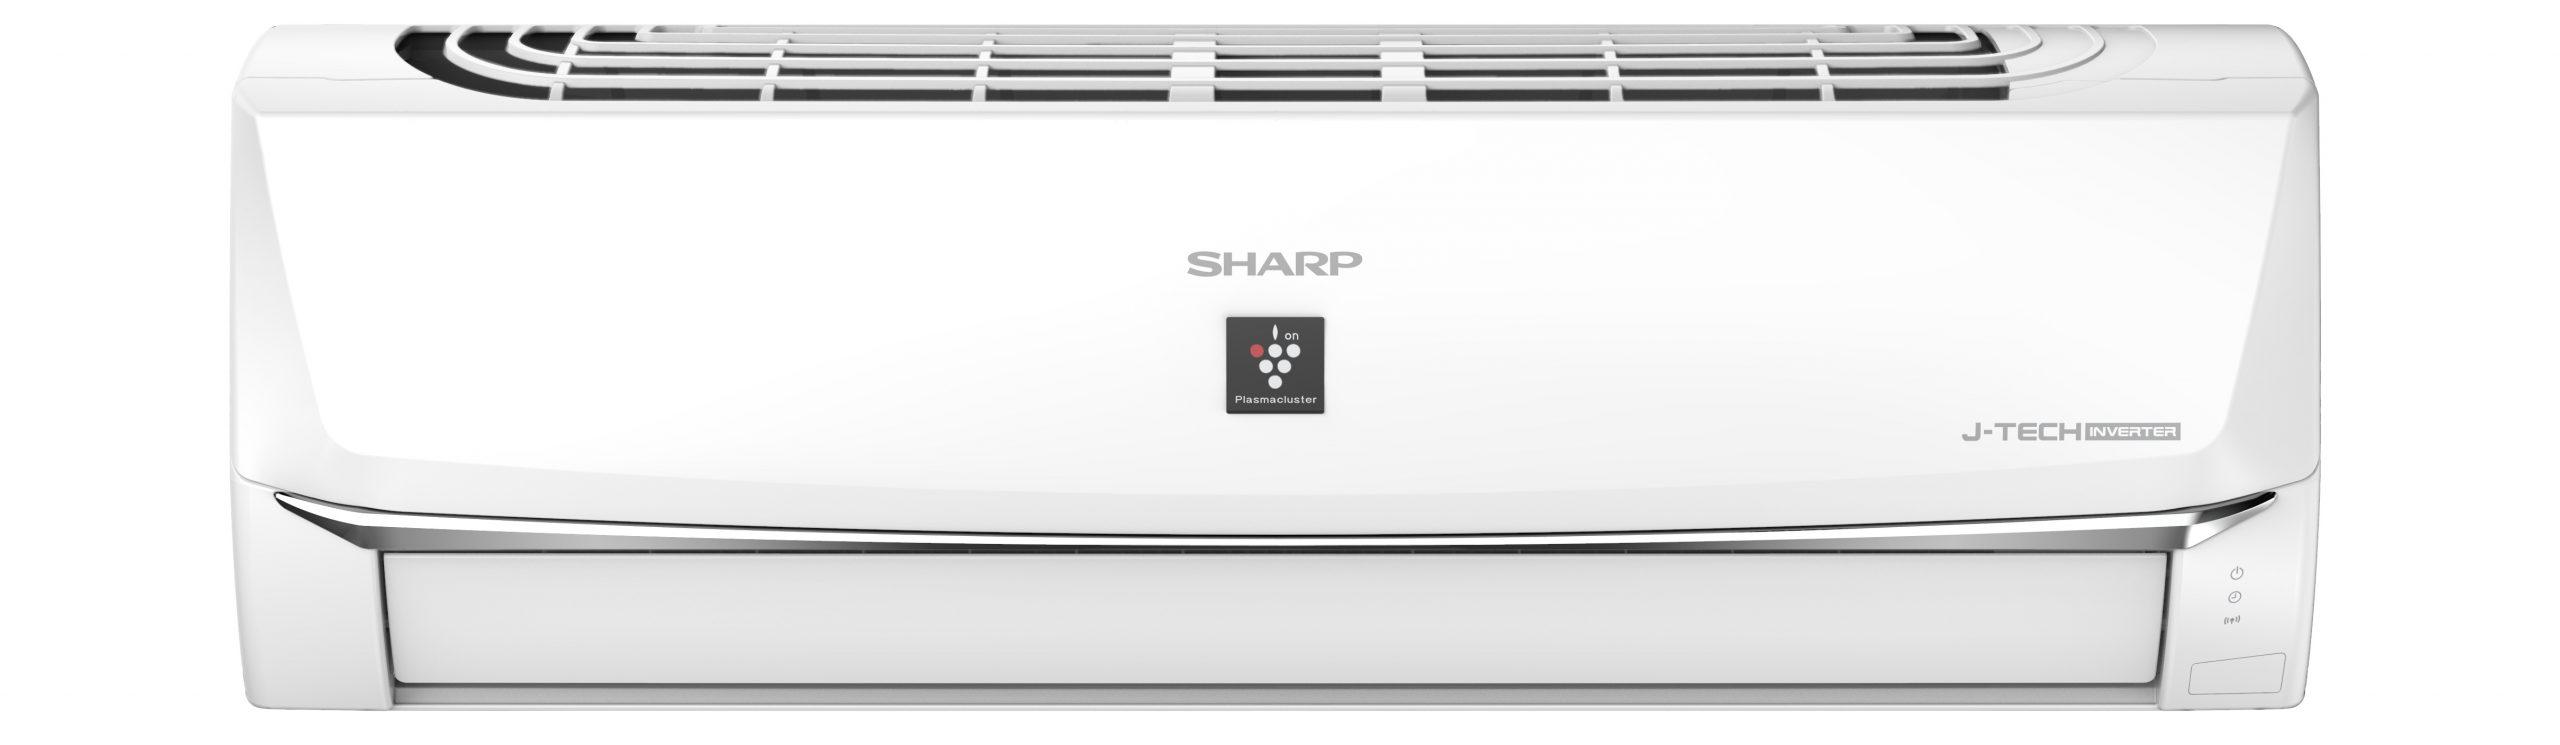 sharp-ah-xp13whw-1-org